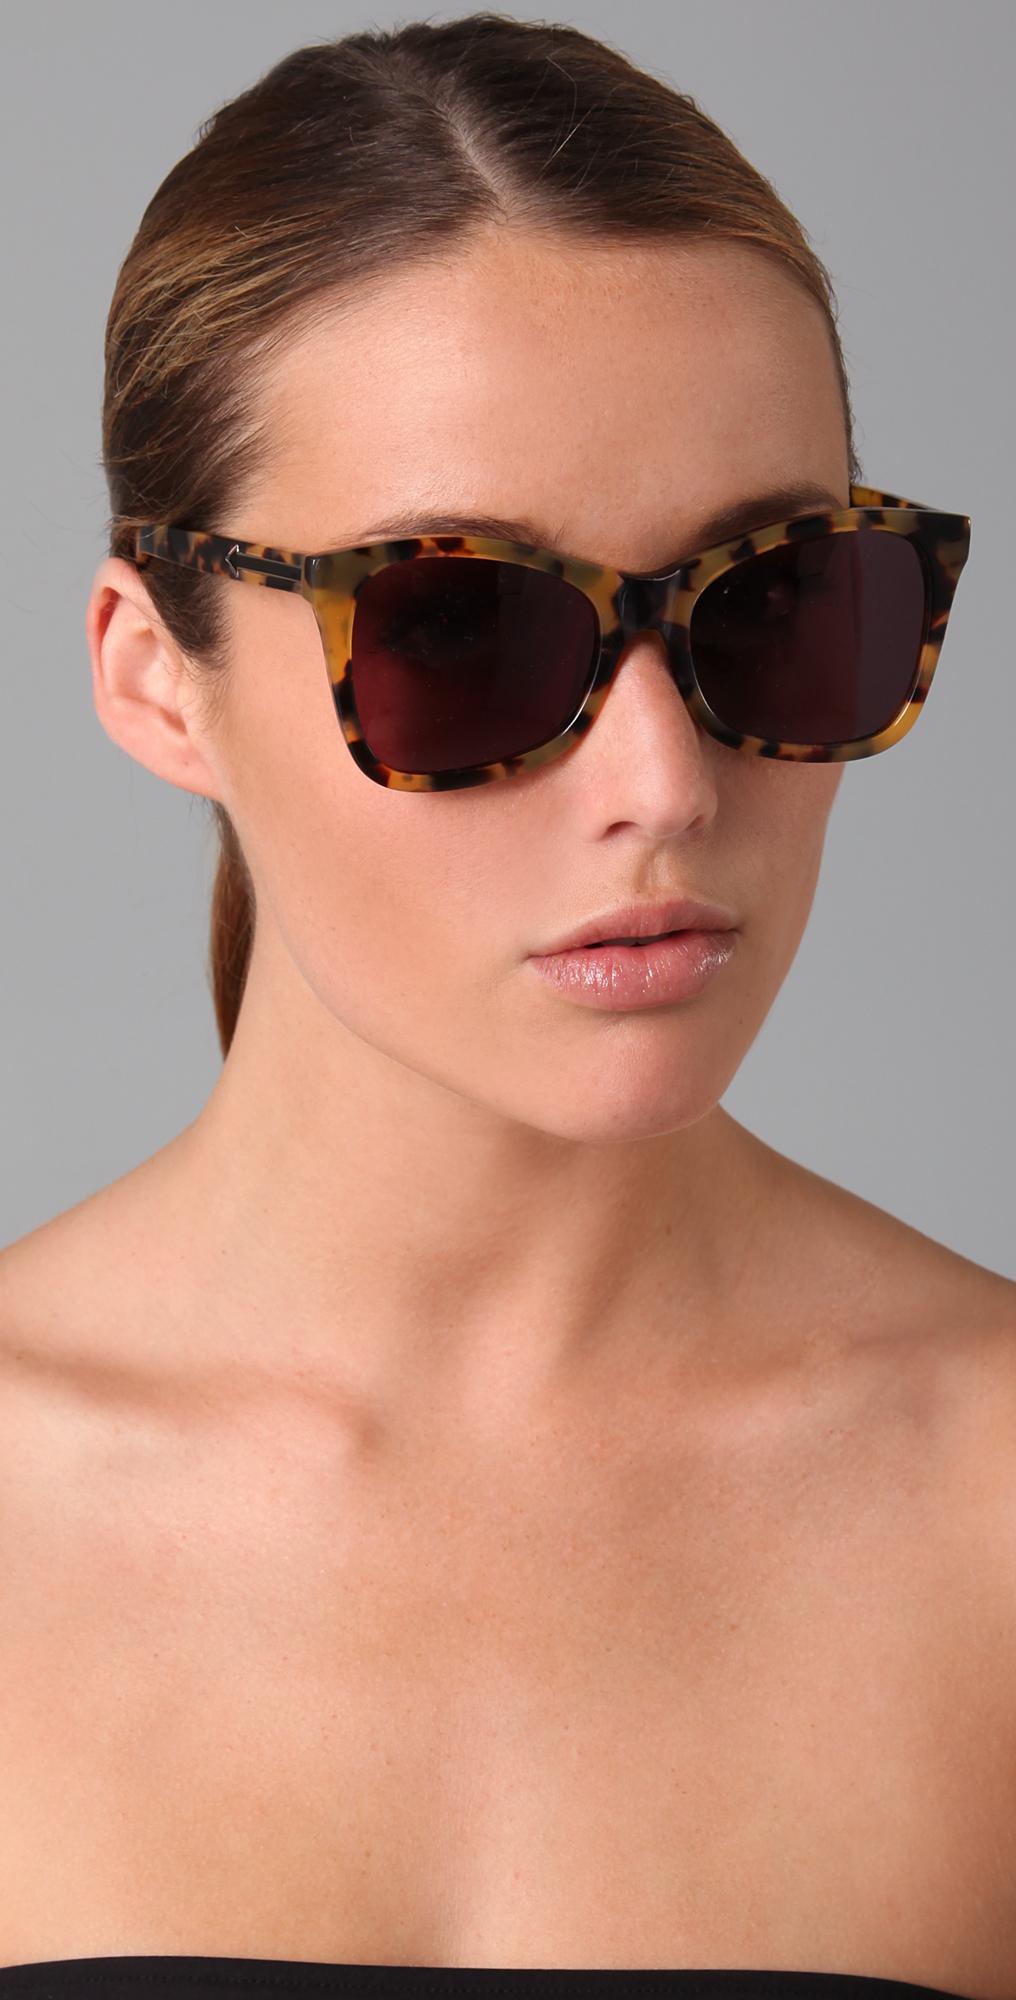 01e83d034c53f Karen Walker Perfect Day Sunglasses